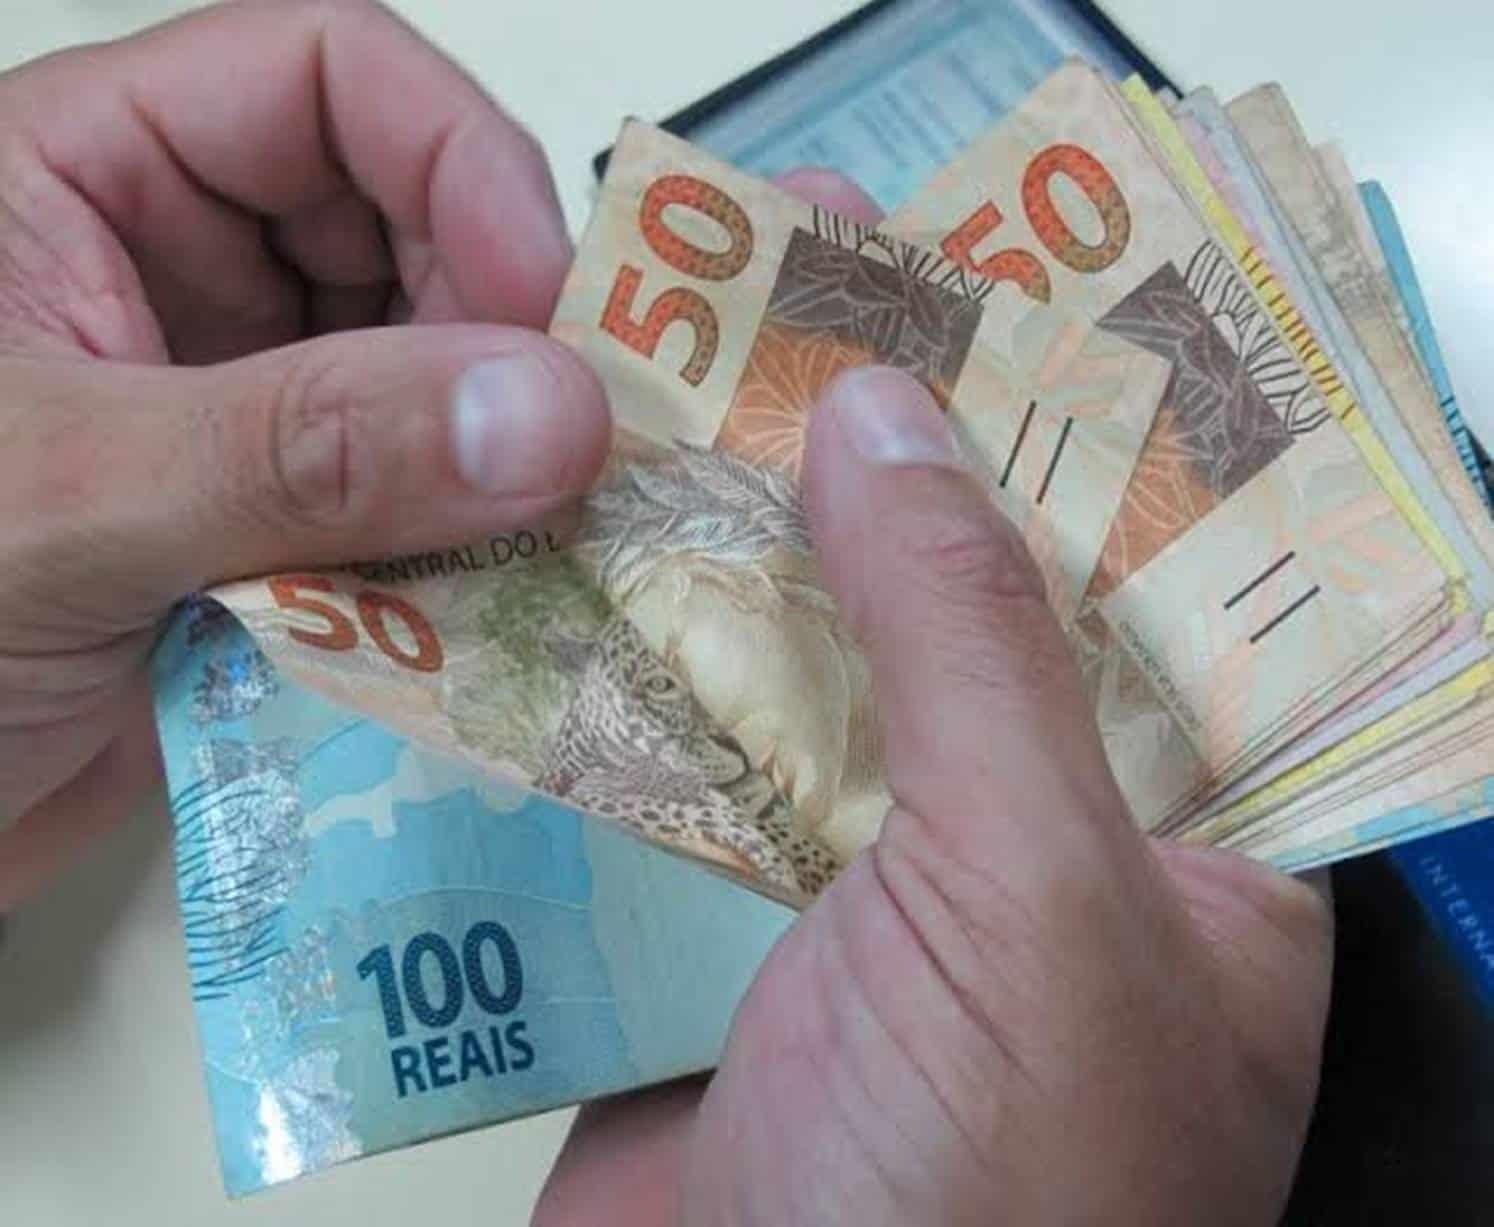 Justiça aumenta aposentadoria do INSS em 100% e garante até R$ 300 mil